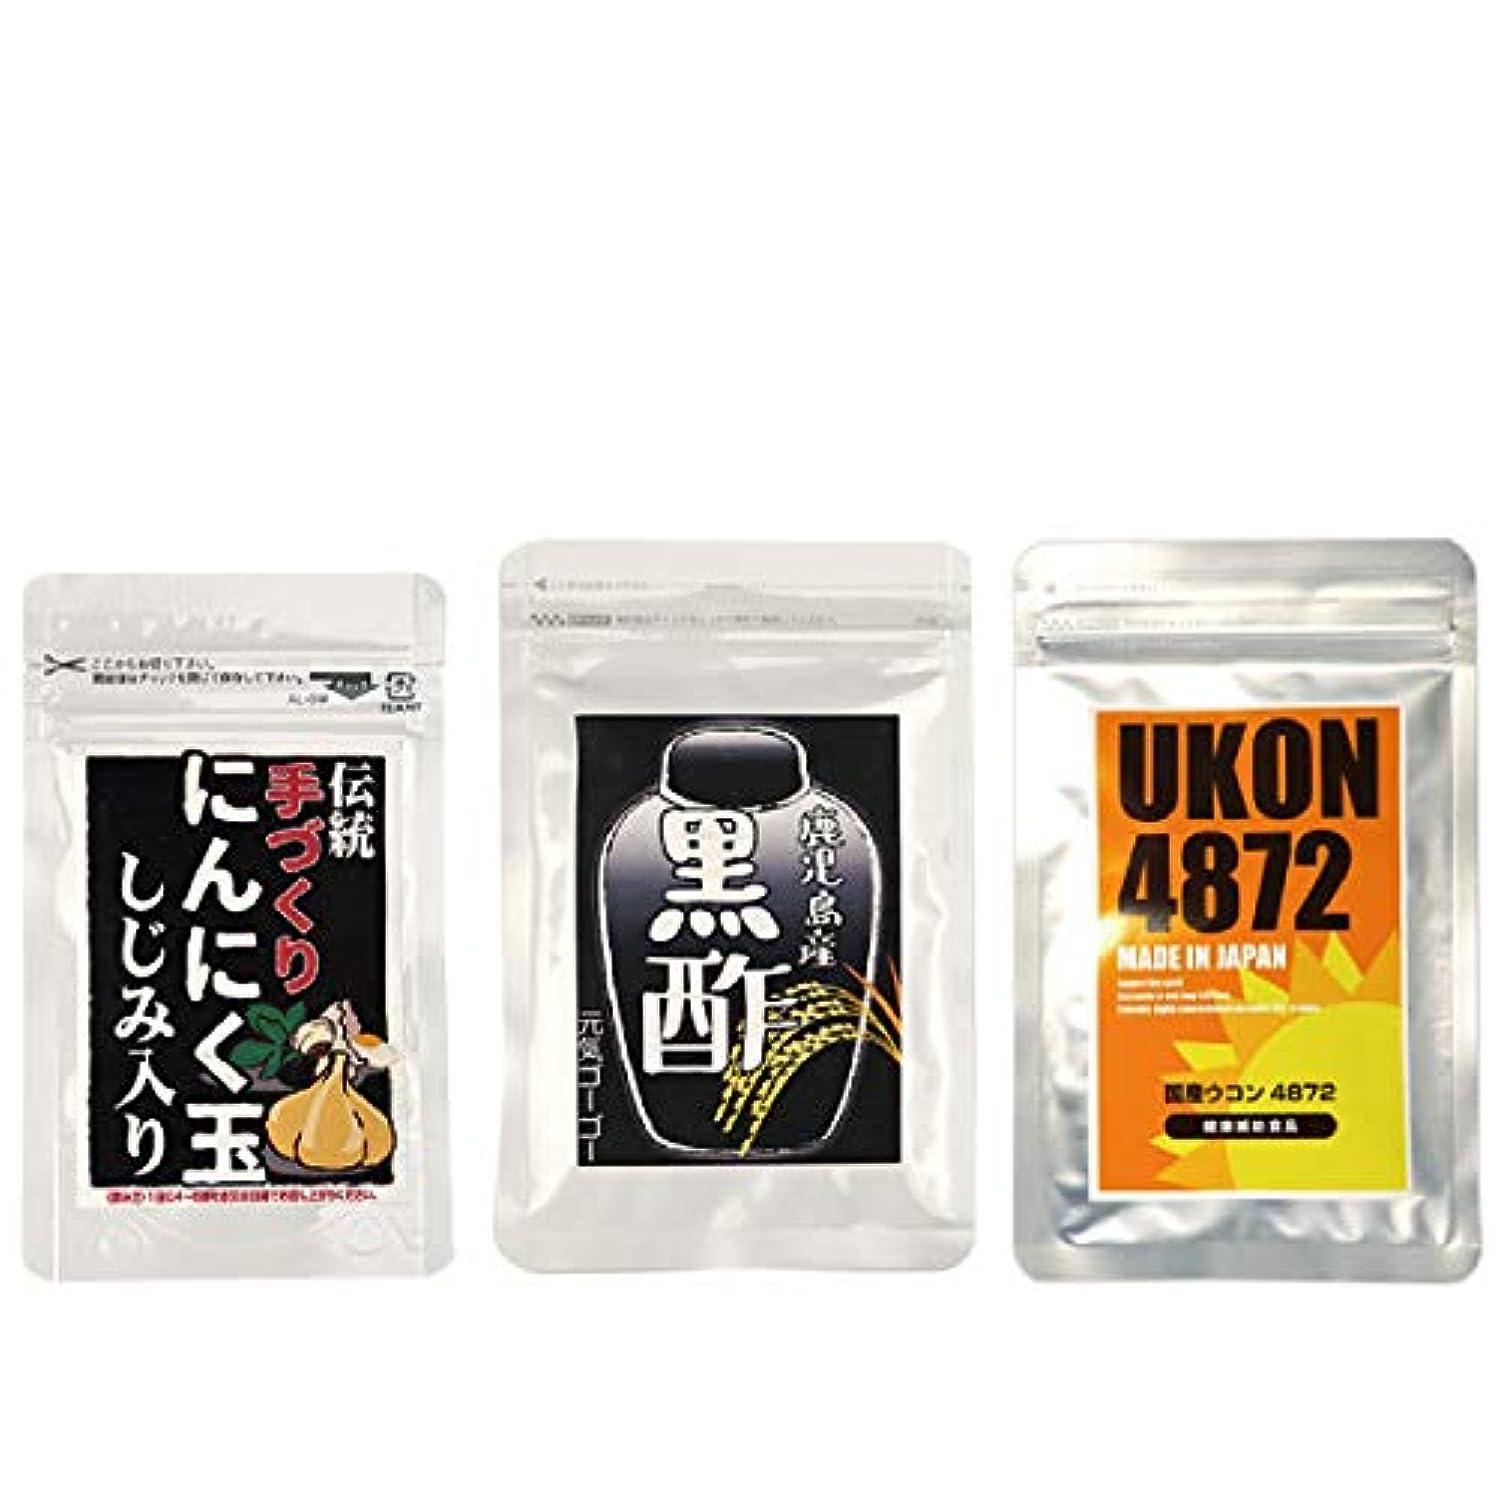 むしゃむしゃペック評価する伝統手づくりにんにく玉【黒ラベル】もろみ黒酢 元気ウコン 各1袋